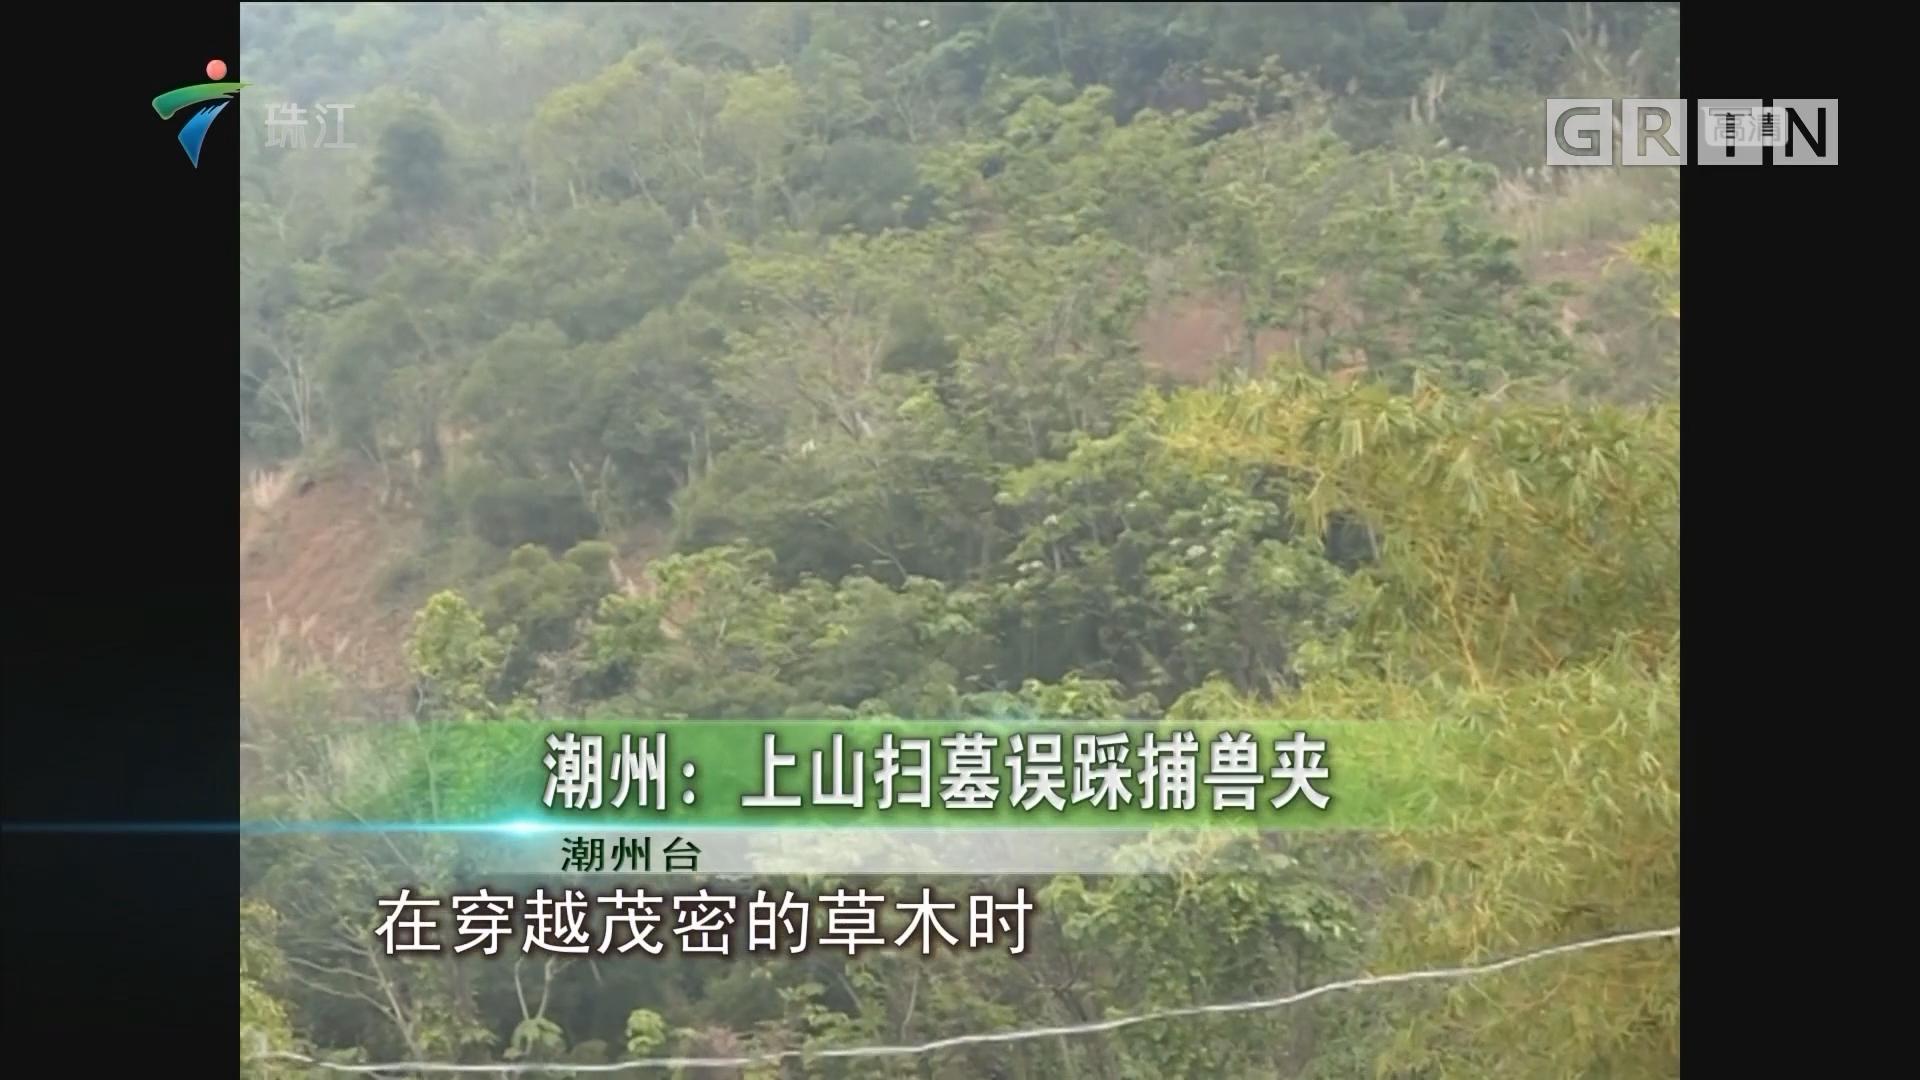 潮州:上山扫墓误踩捕兽夹